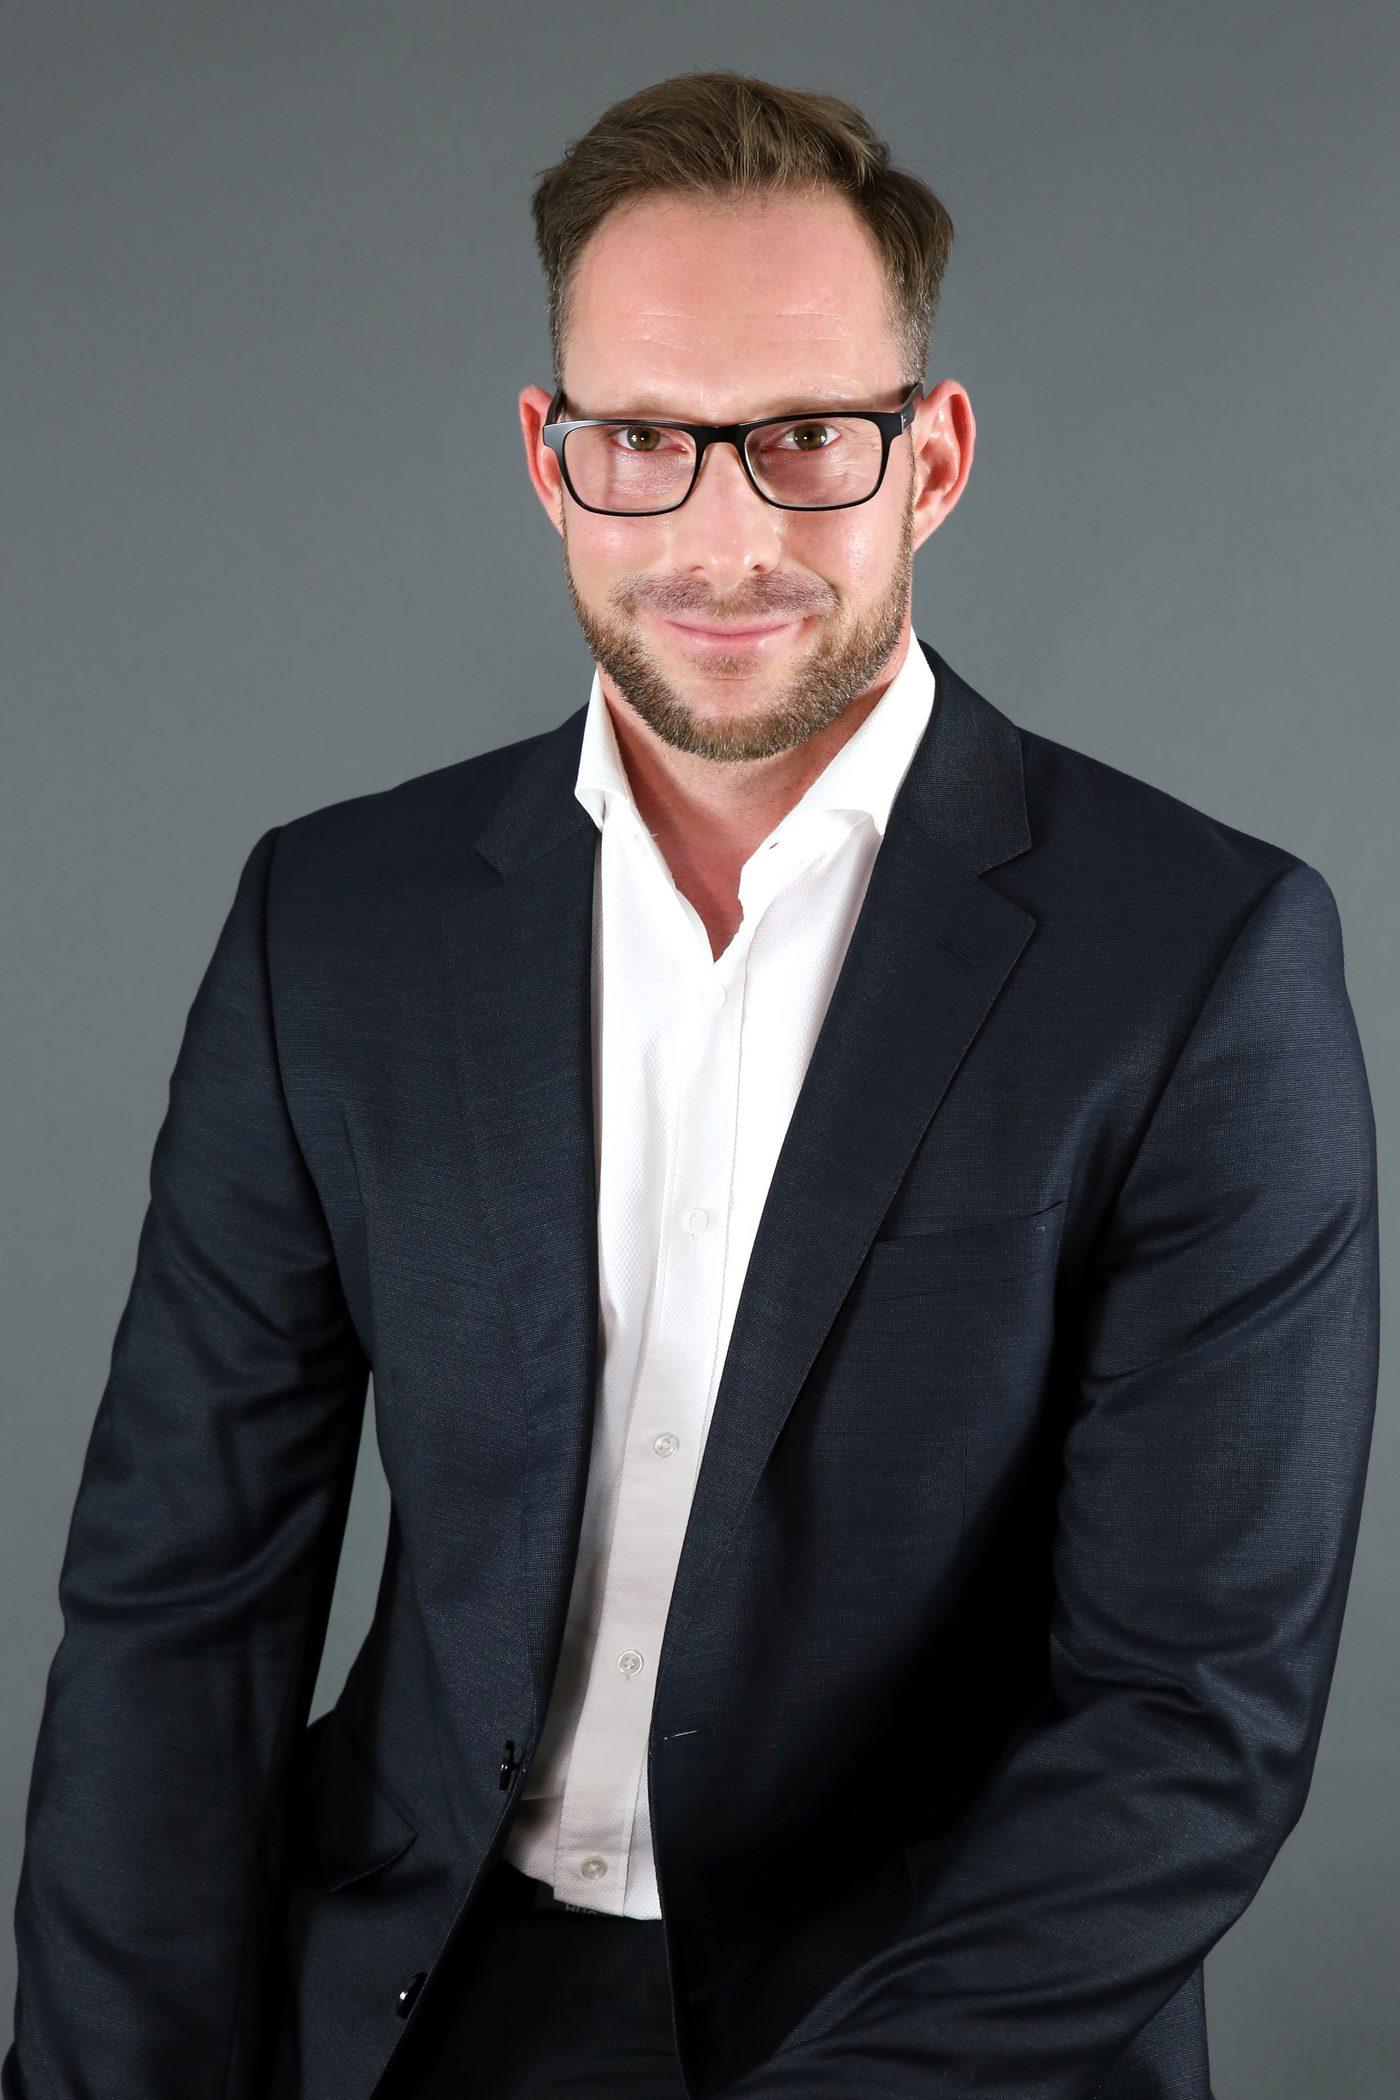 Bewerbungsfoto mit schwarzem Anzug vor einem grauen Hintergrund